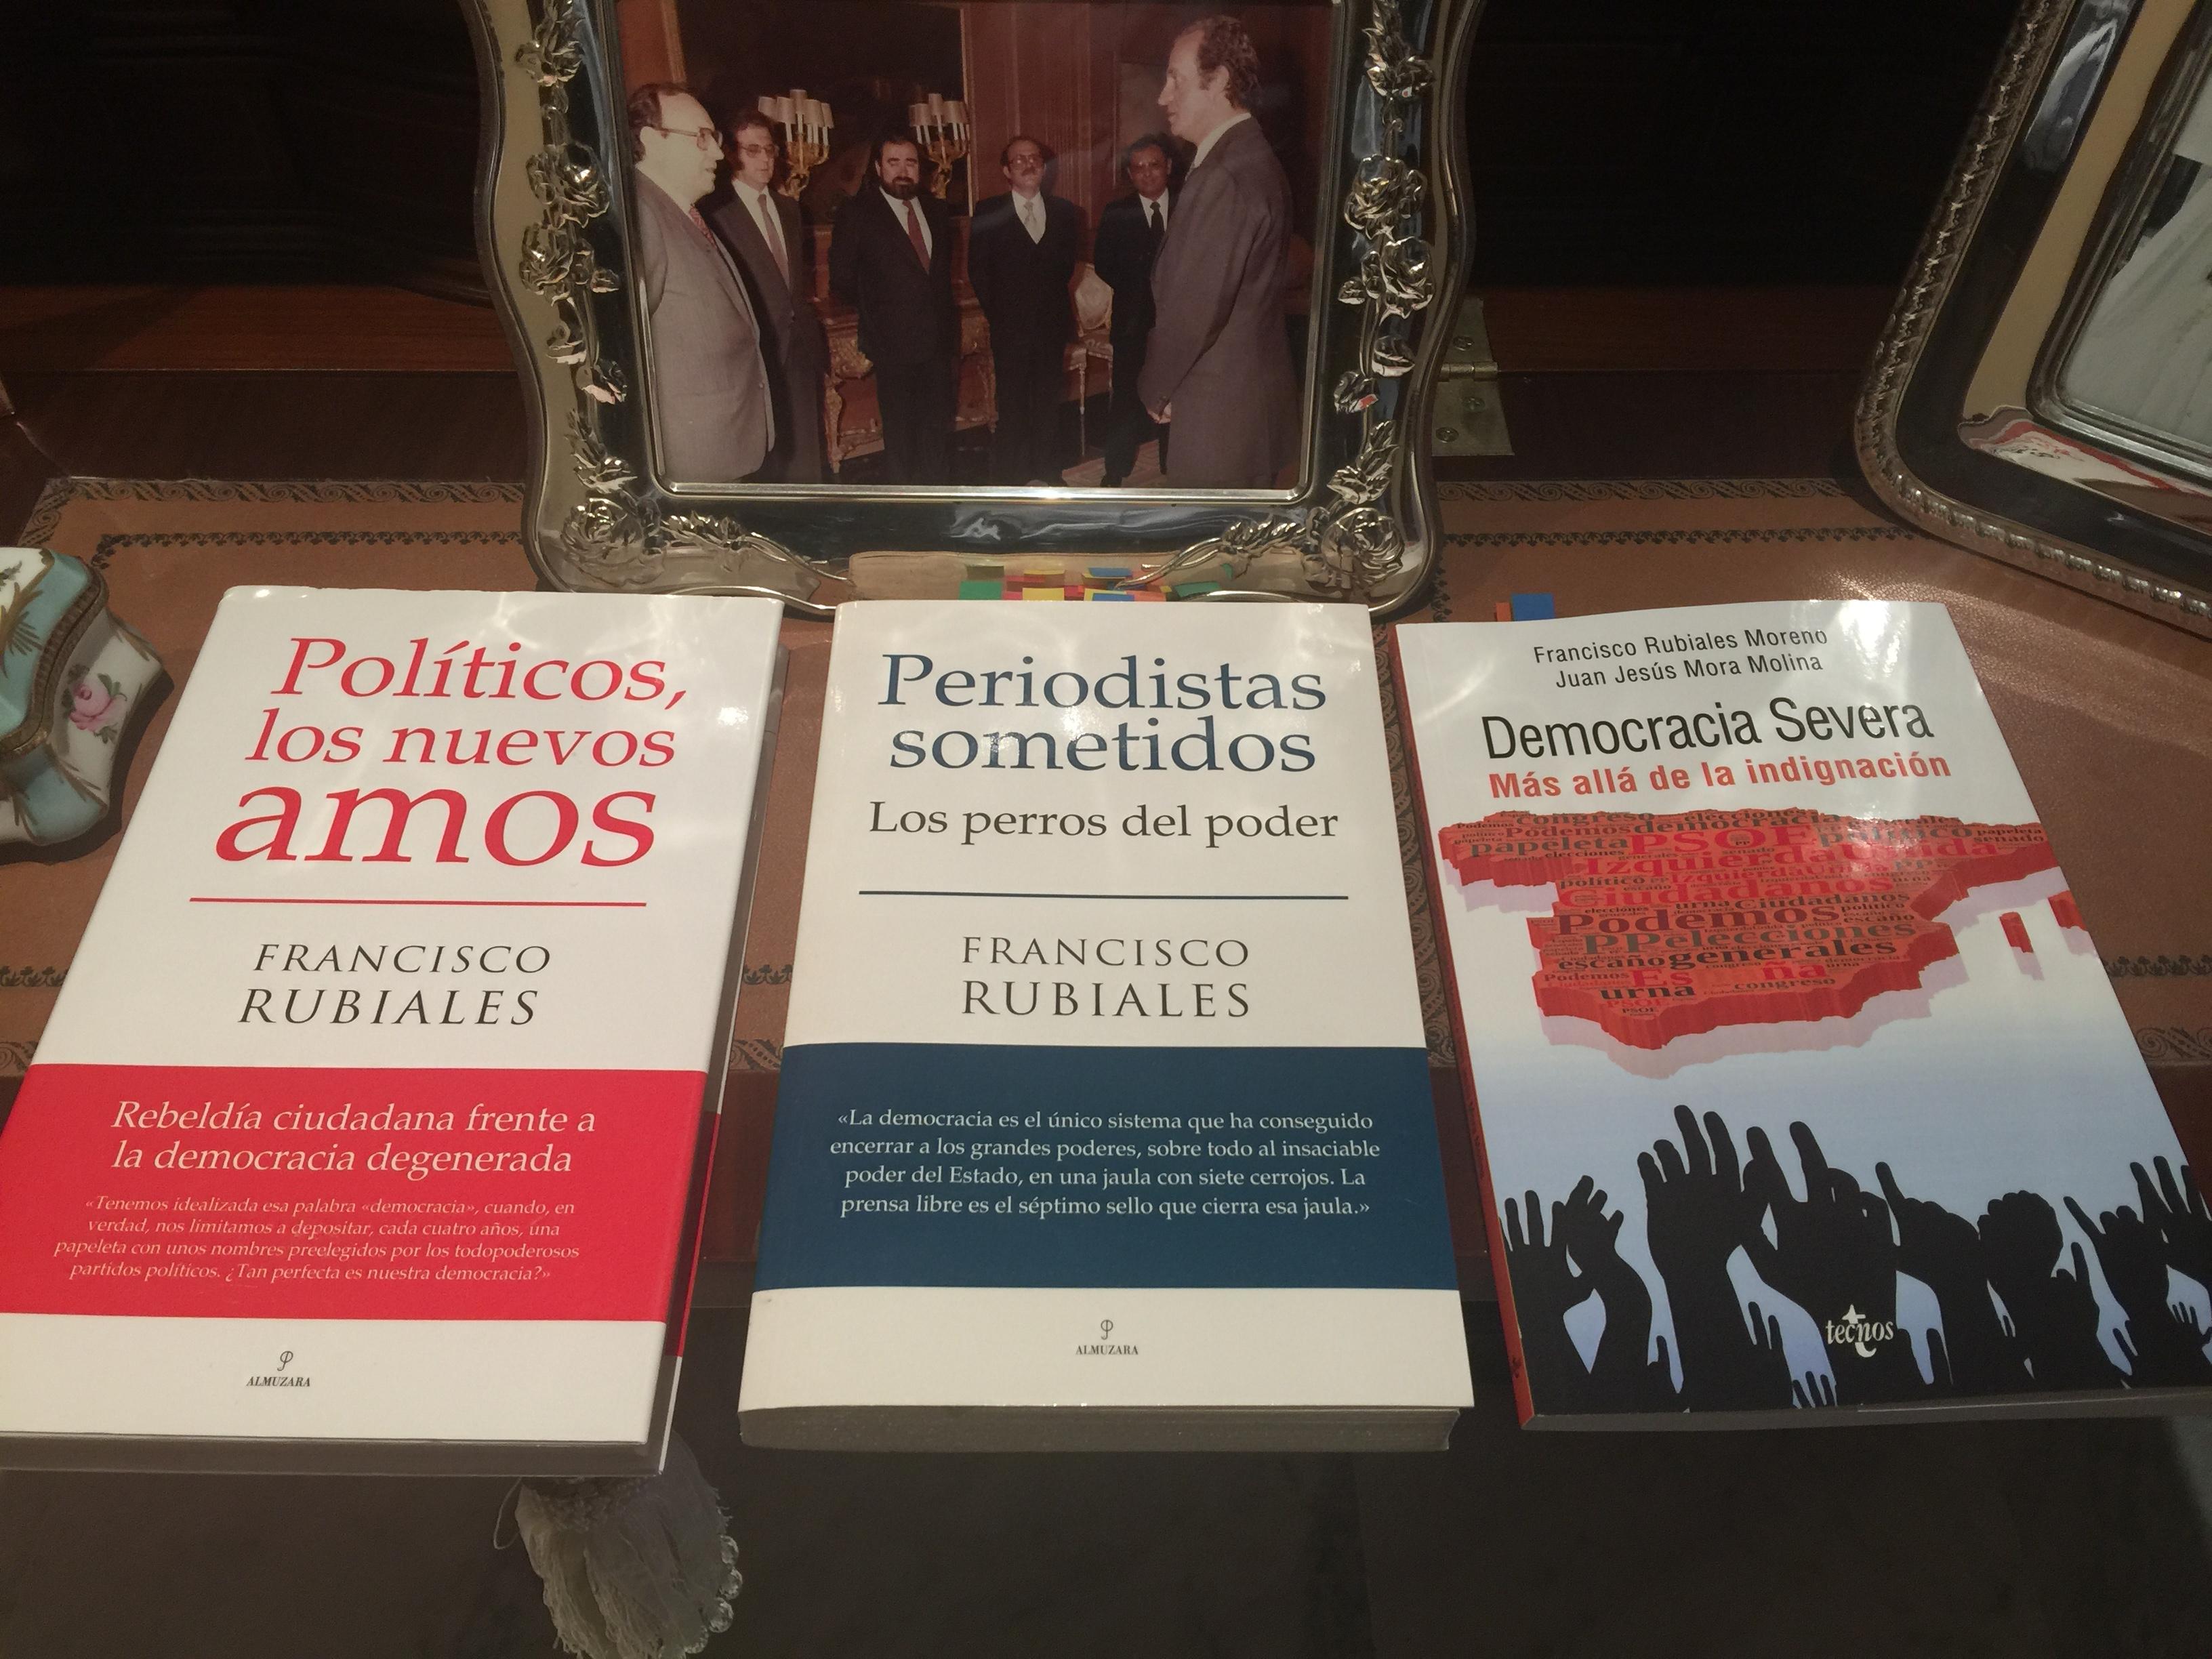 Propuestas concretas y una visión de la democracia en positivo